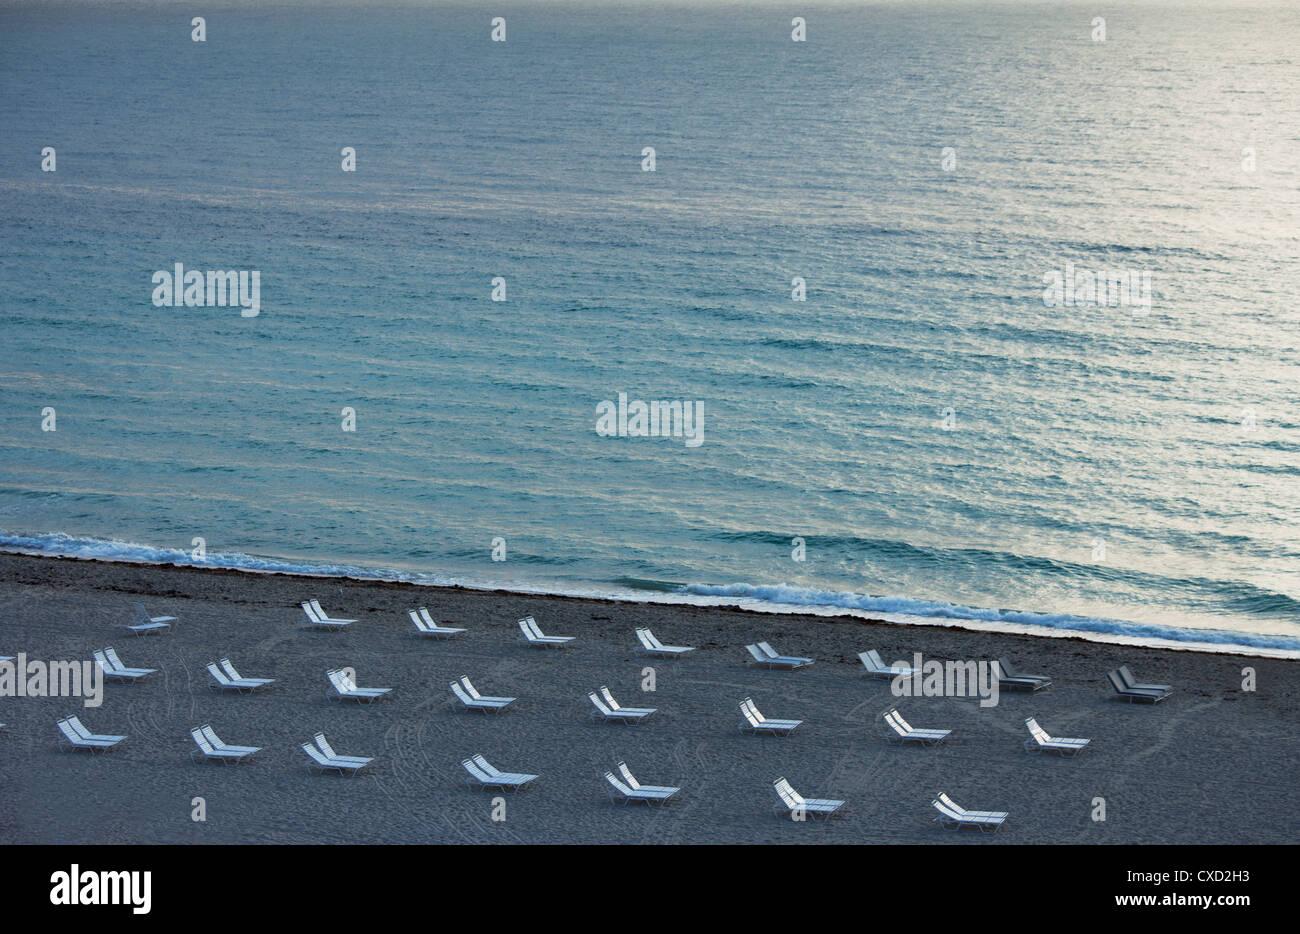 Spiaggia vuota, South Beach, Miami Beach, Florida, Stati Uniti d'America, America del Nord Immagini Stock